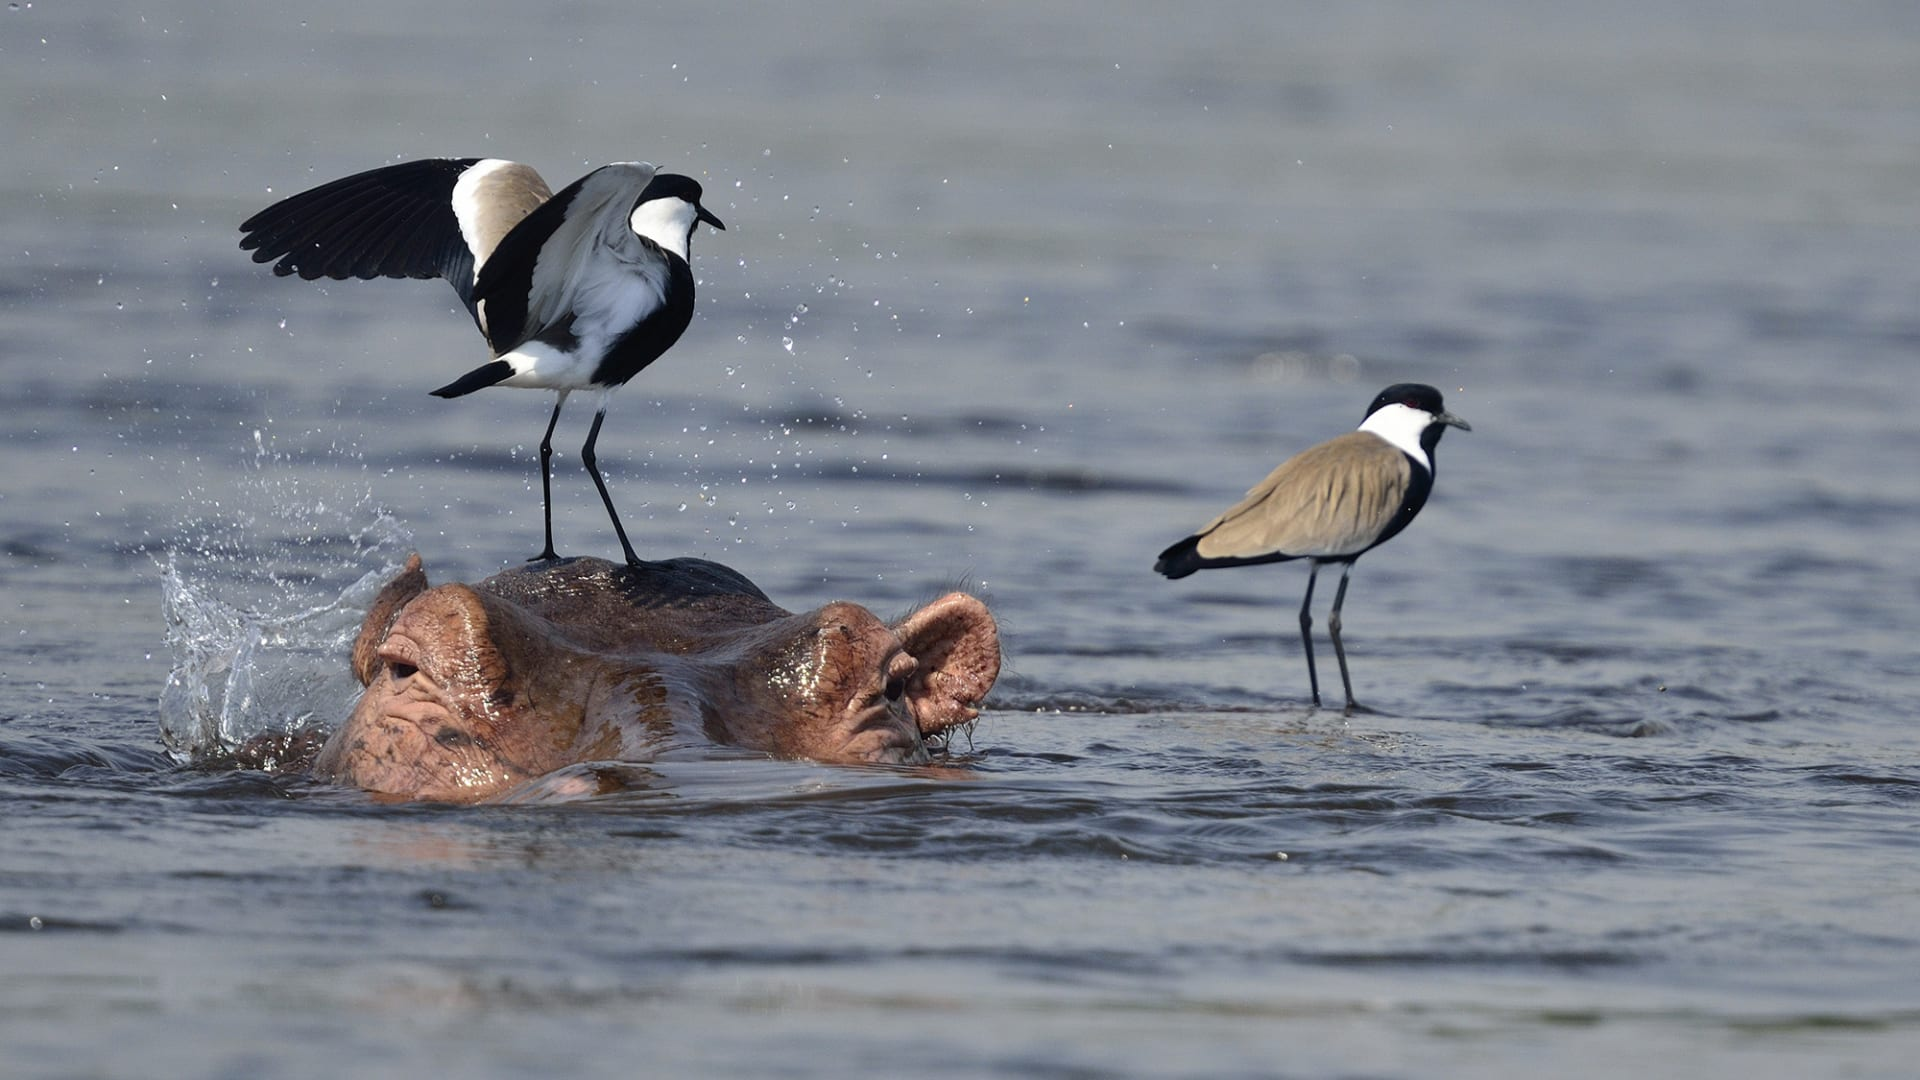 هؤلاء هم الفائزون في مسابقة التصوير الفوتوغرافي للجمعية البيئية البريطانية لهذا العام